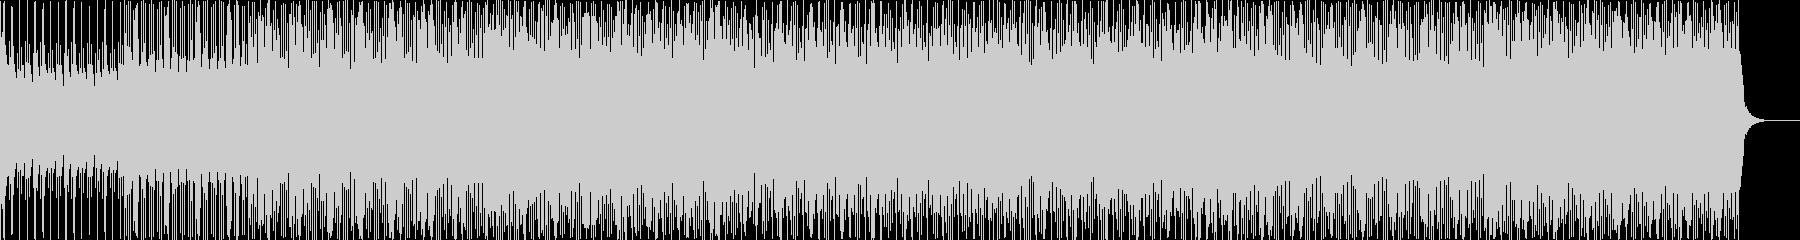 ピアノとギターのシンプルハウスの未再生の波形